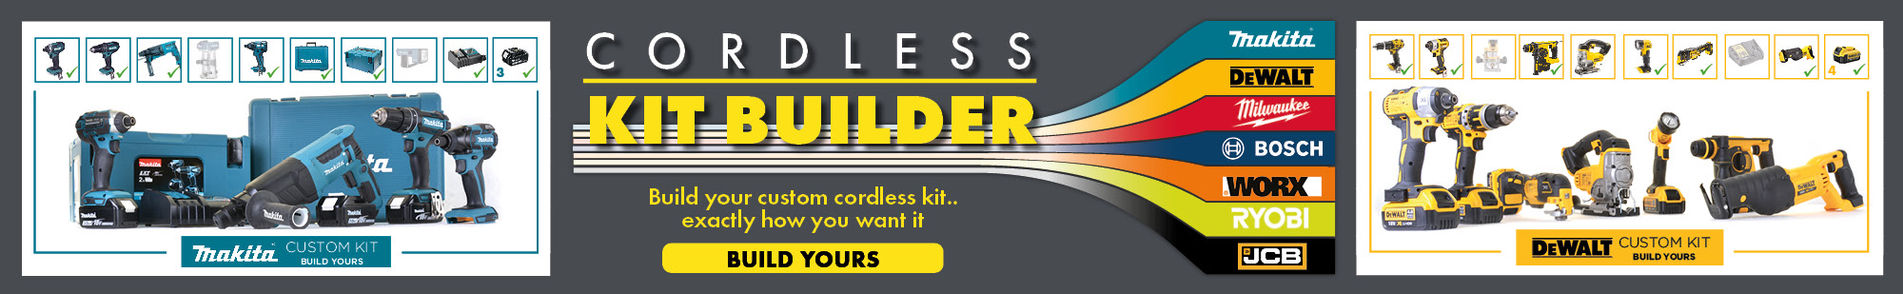 Kit Builder